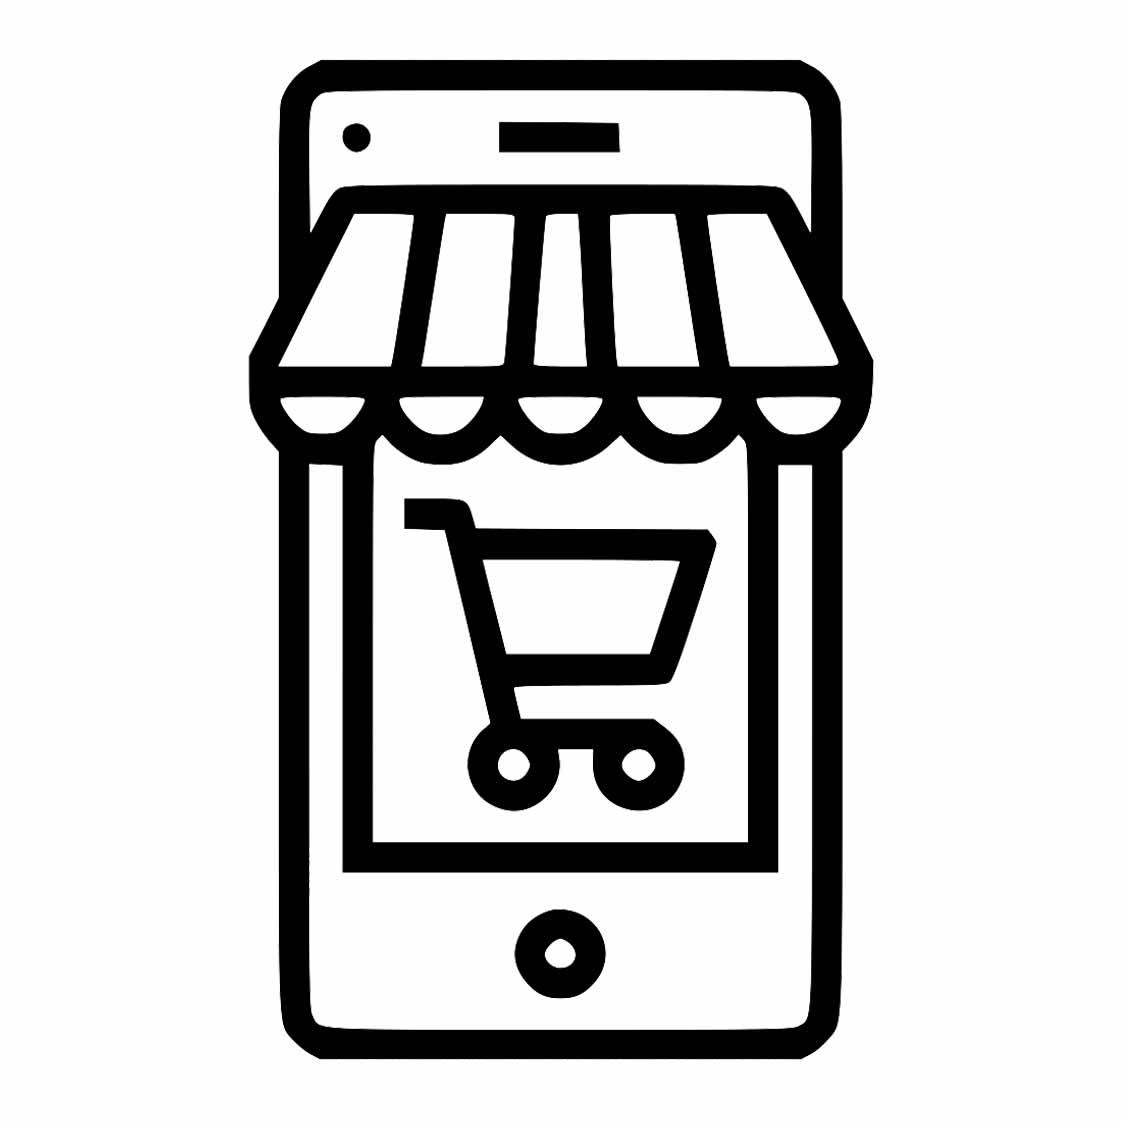 فروشگاه اینترنتی فندق-فروش محصولات هنری و فروش صنایع دستی